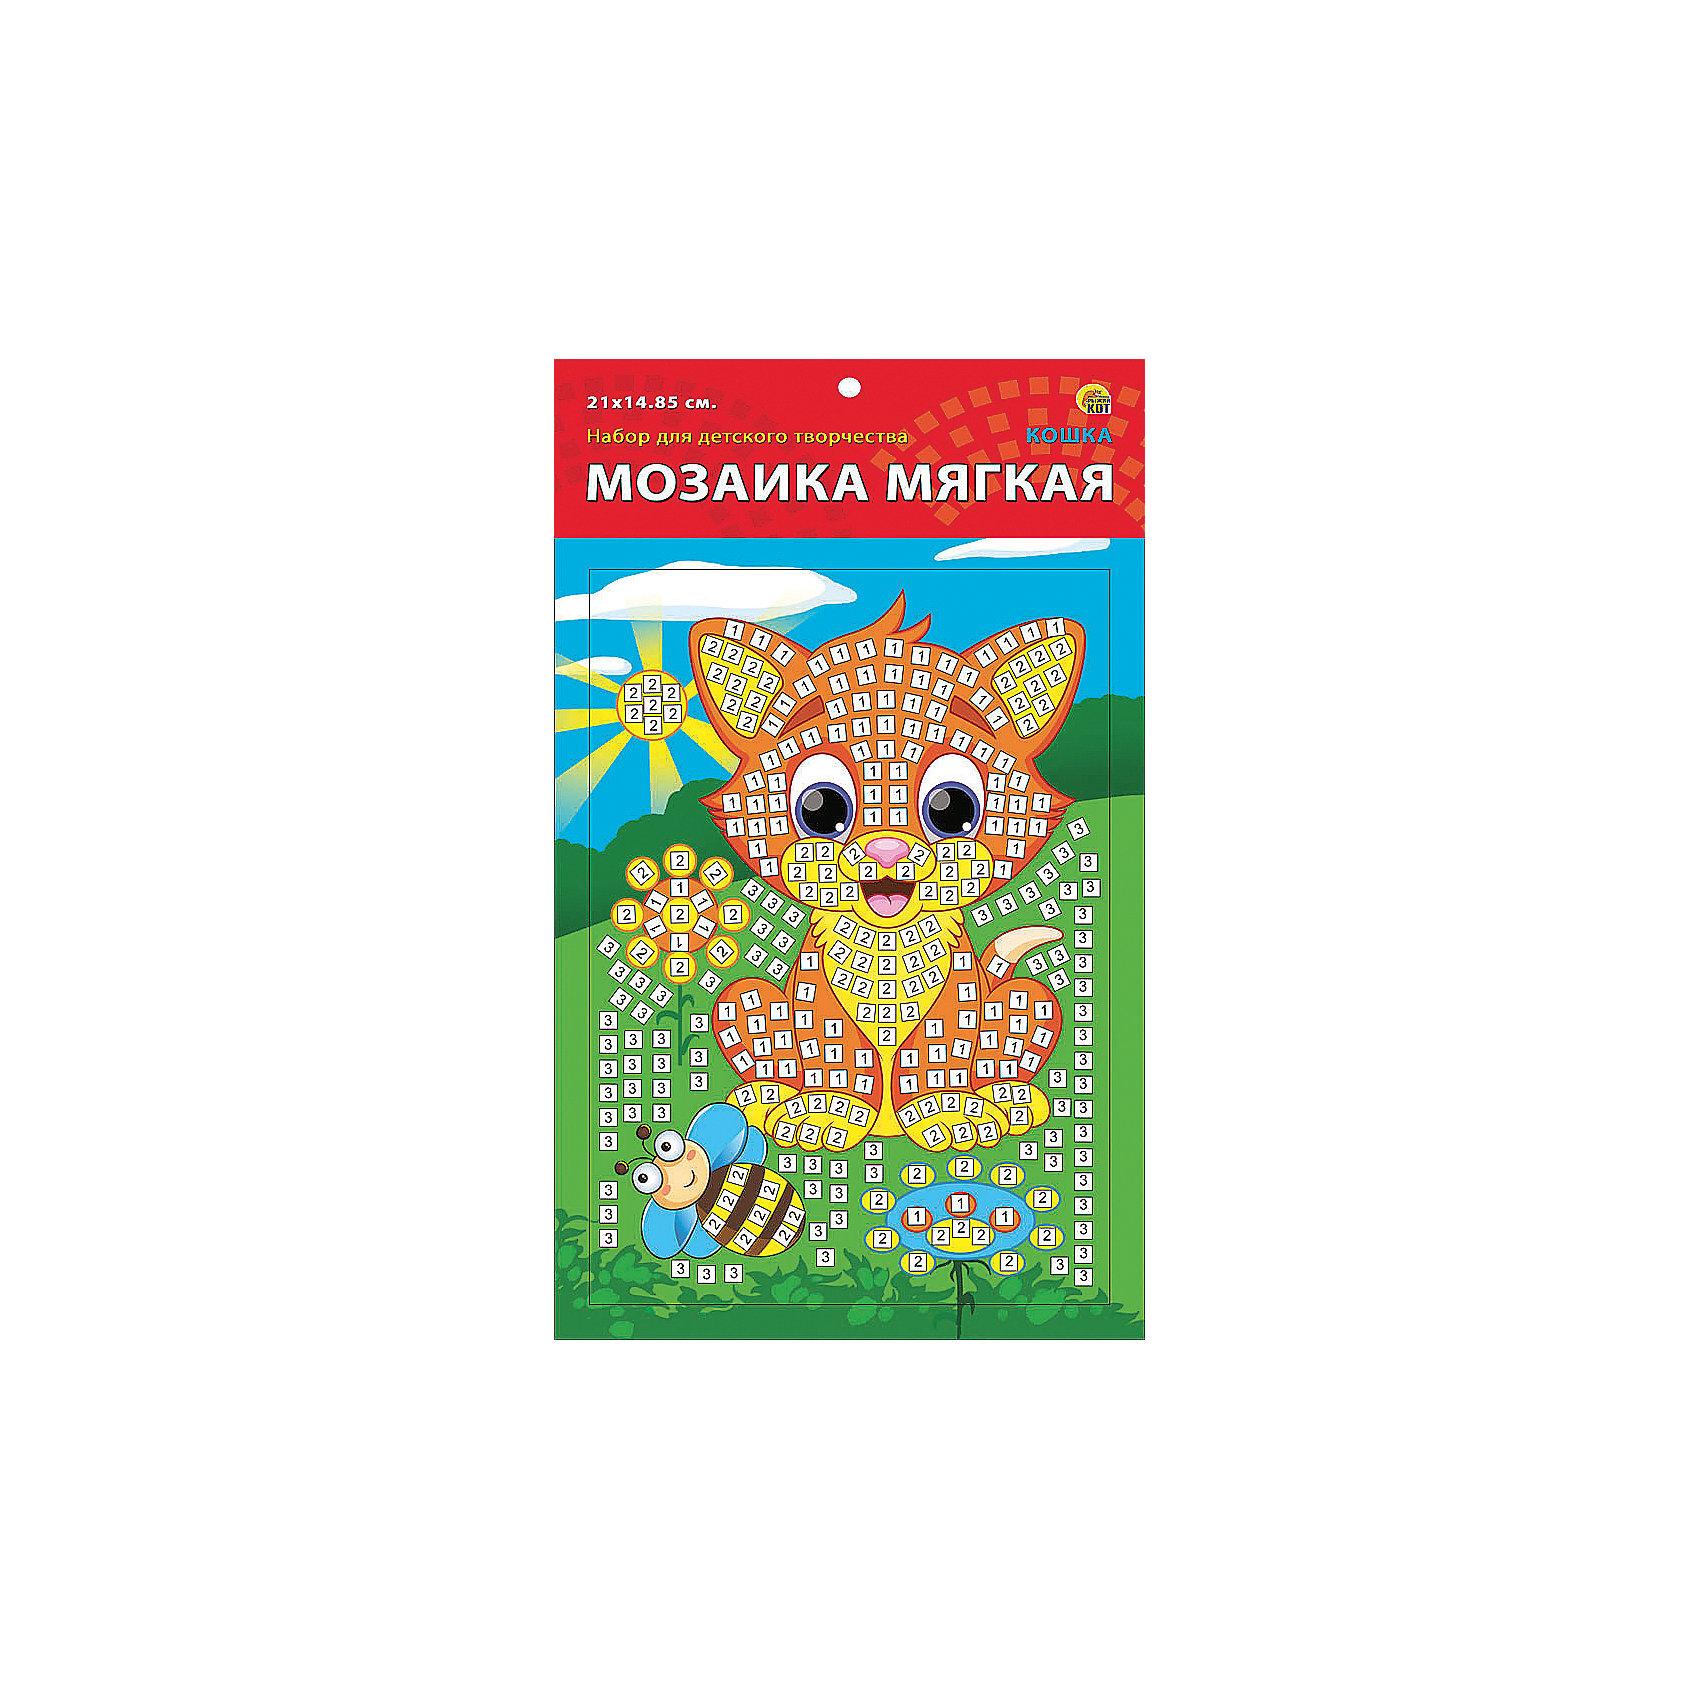 Издательство Рыжий кот Мягкая мозаика Кошка формат А5 (21х15 см) издательство рыжий кот мягкая мозаика веселый самолет формат а5 21х15 см